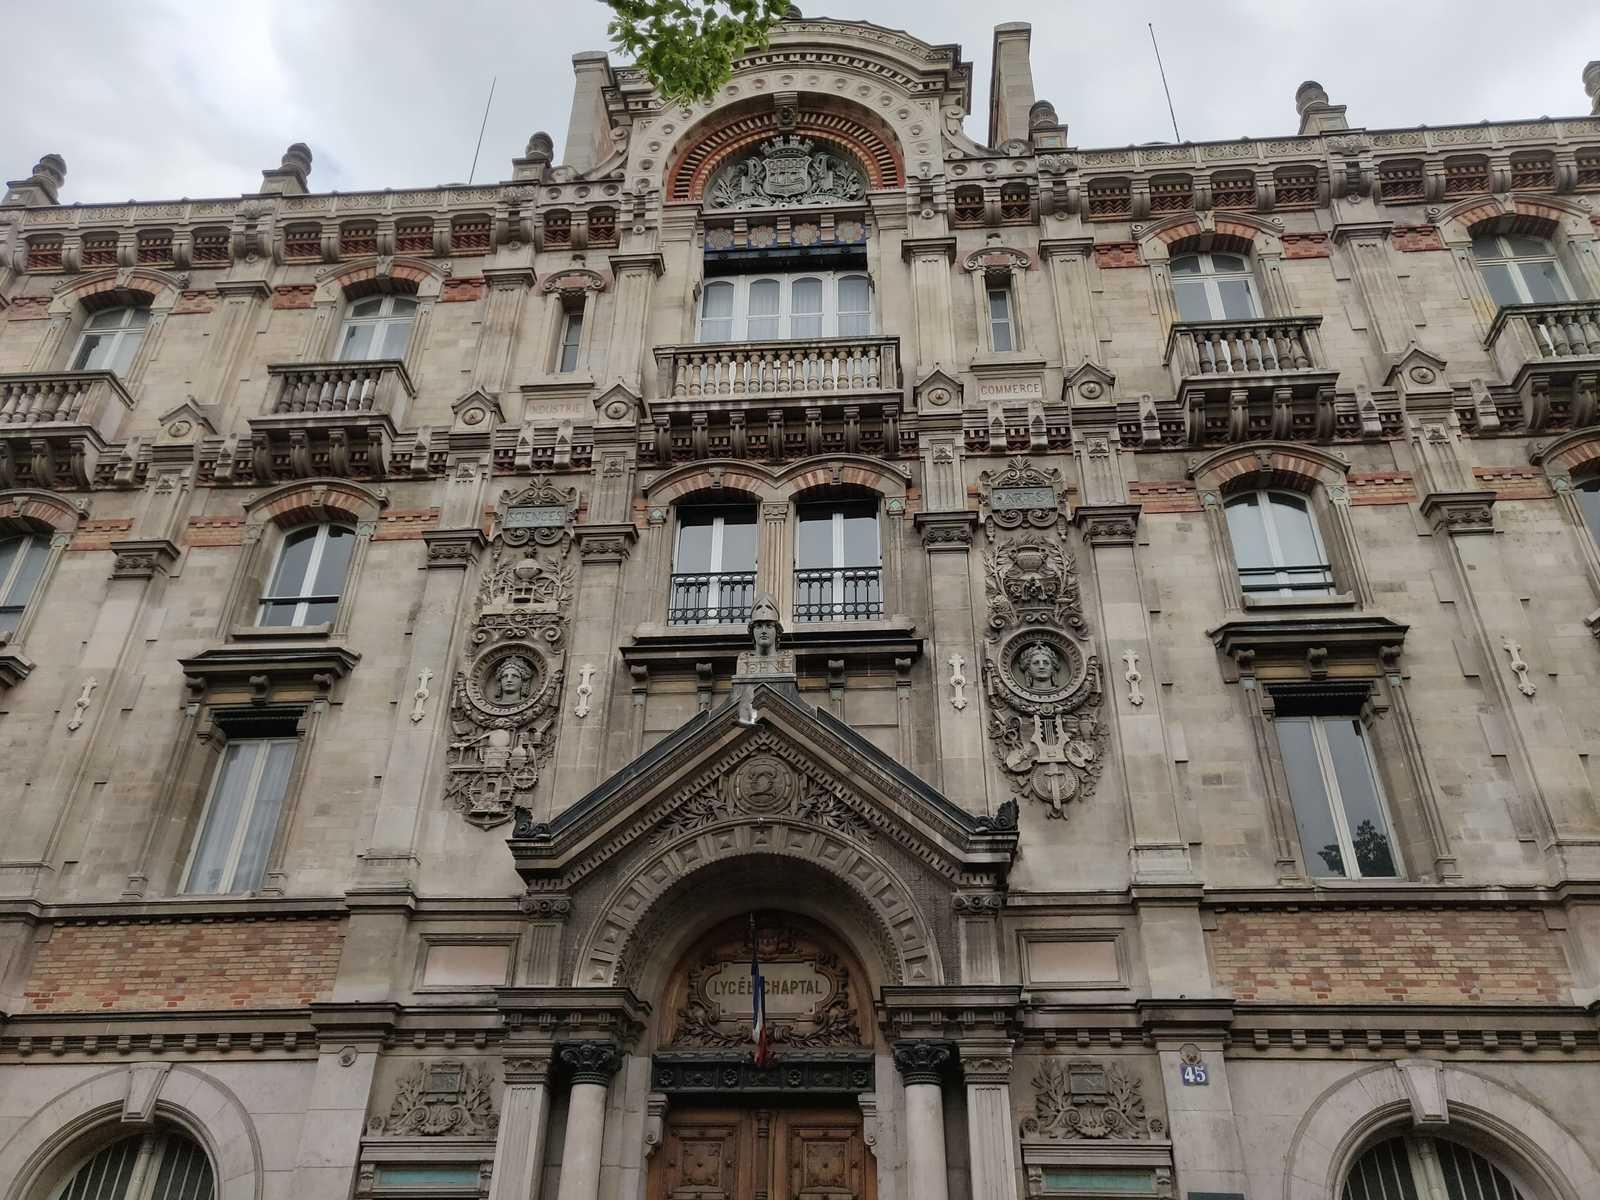 Paris französische Urbanismus, Klassiche Haussmannische Fassade mit detailreichen Verzierungen.